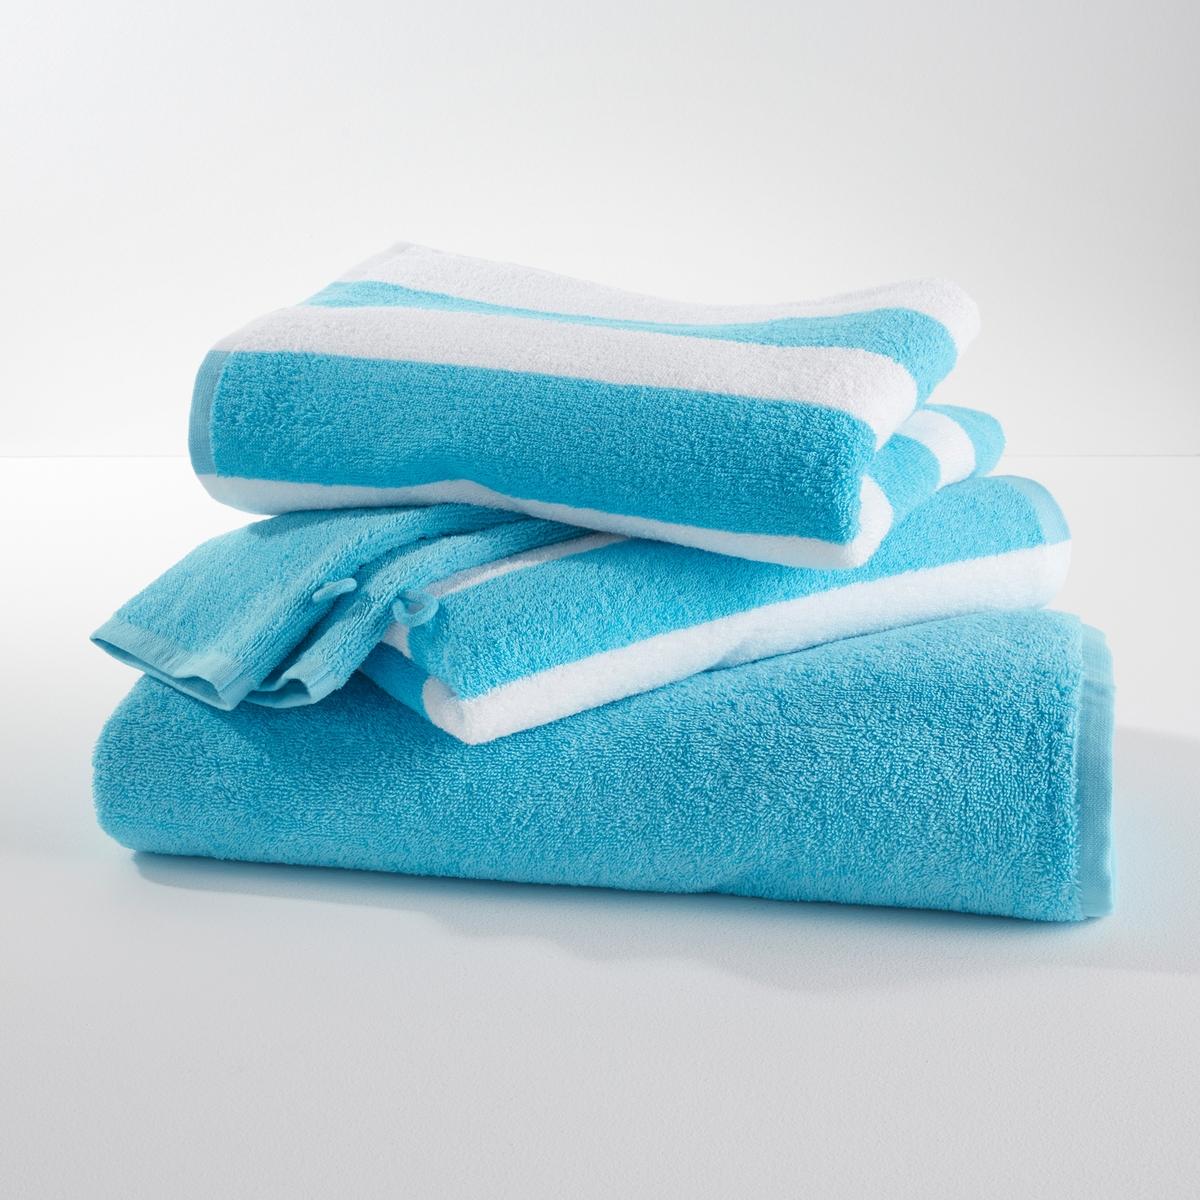 Комплект банный из  5 предметов,  махровая ткань, 420г/м2